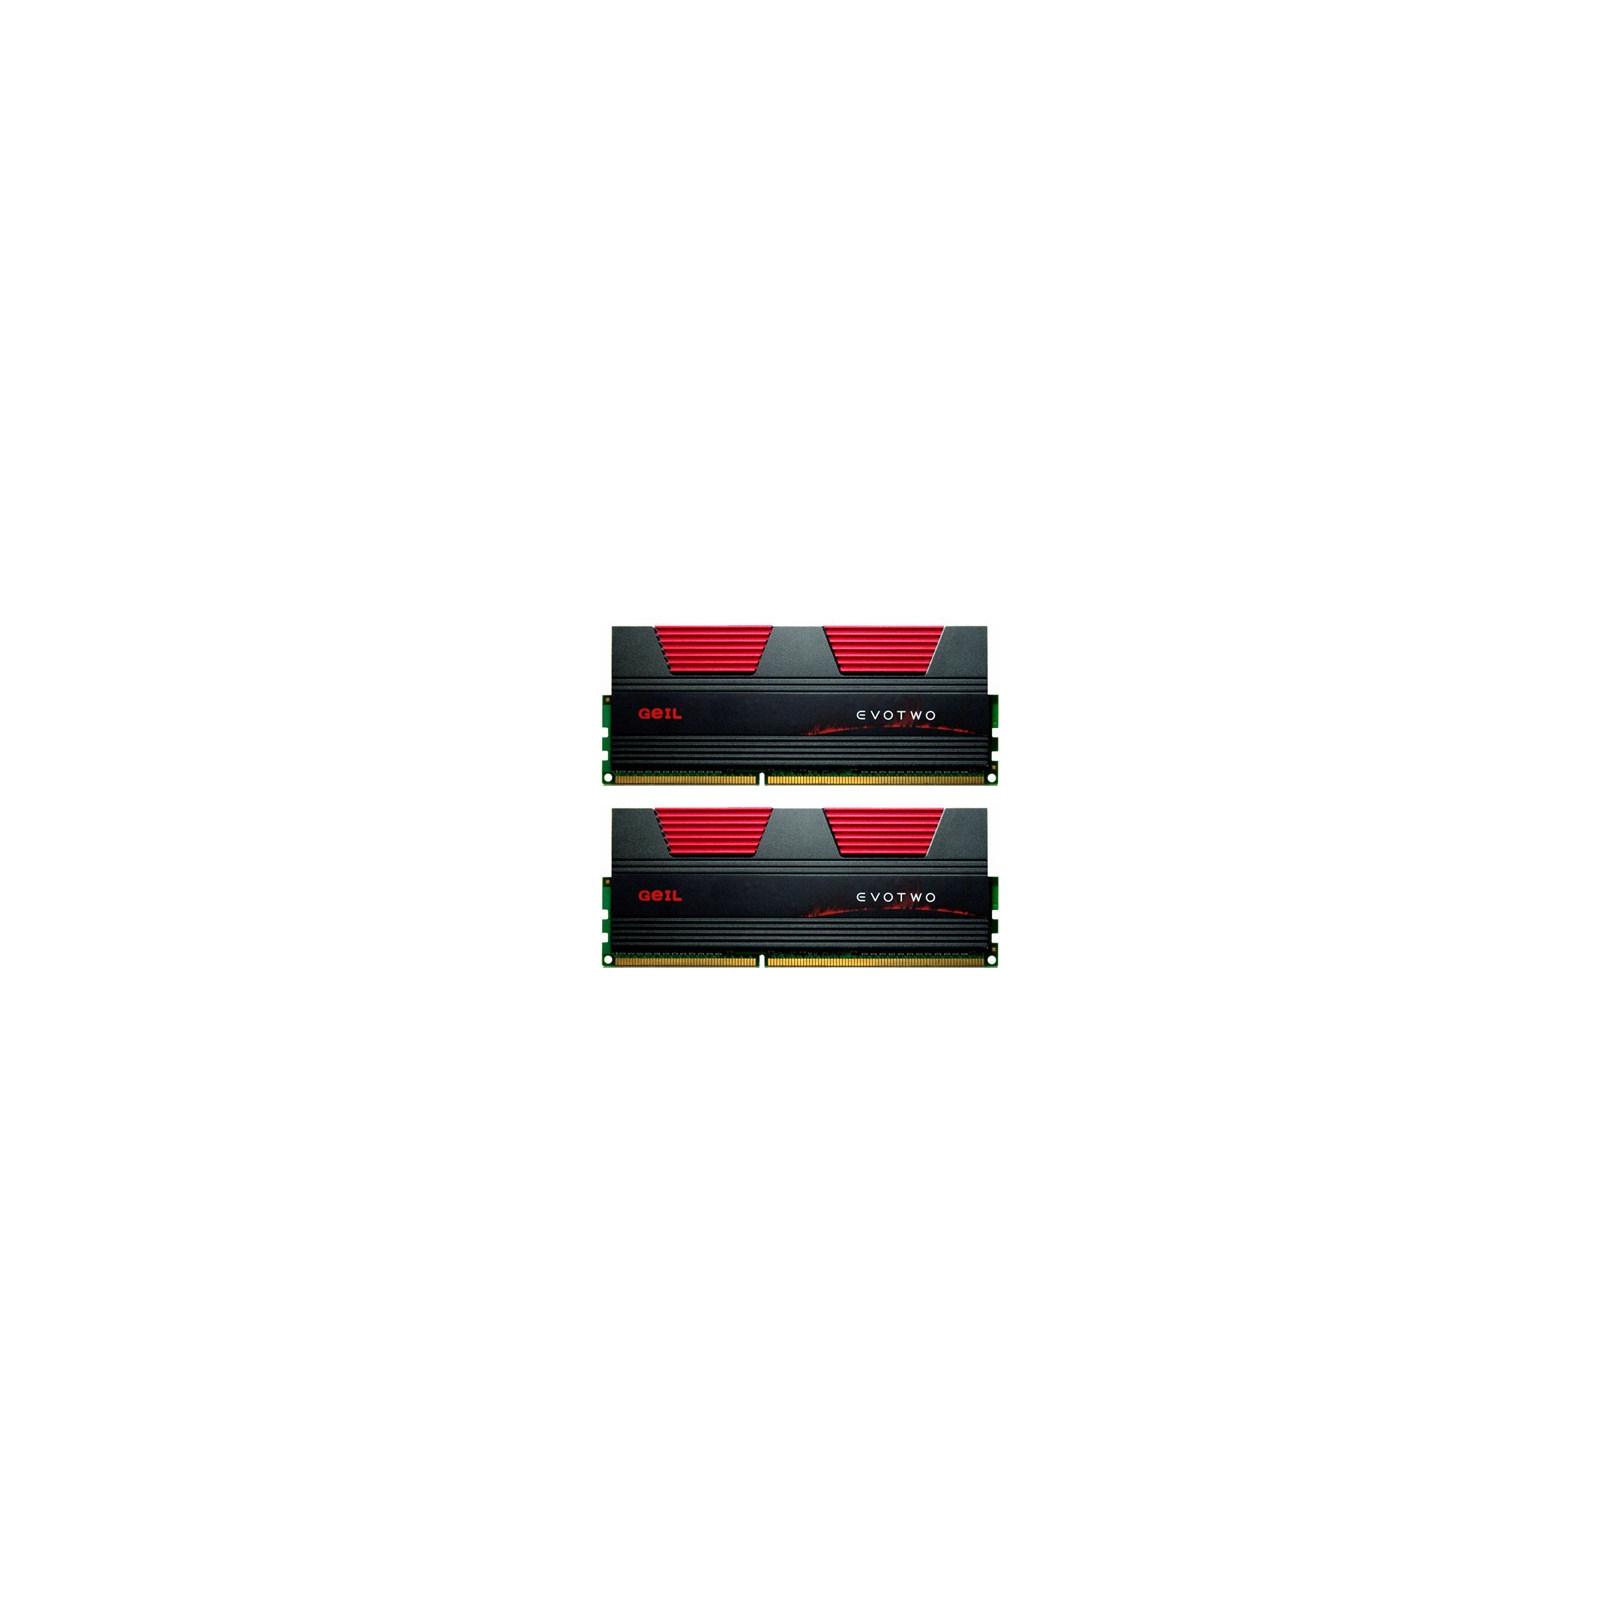 Модуль памяти для компьютера DDR3 8GB (2x4GB) 2133 MHz GEIL (GET38GB2133C11DC)